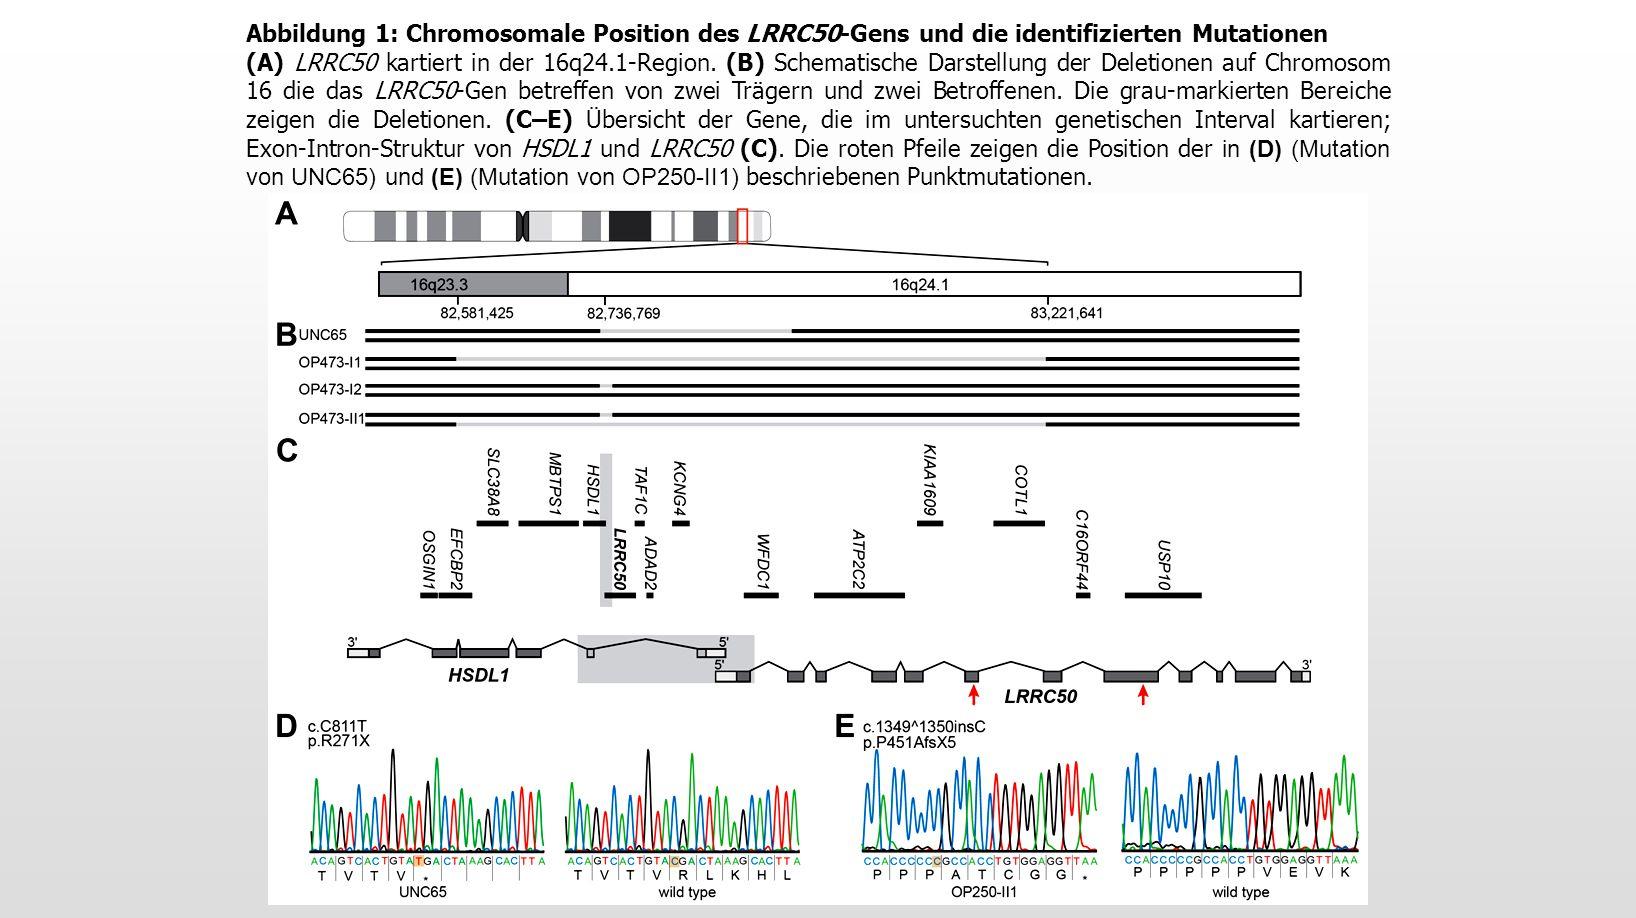 Abbildung 1: Chromosomale Position des LRRC50-Gens und die identifizierten Mutationen (A) LRRC50 kartiert in der 16q24.1-Region.